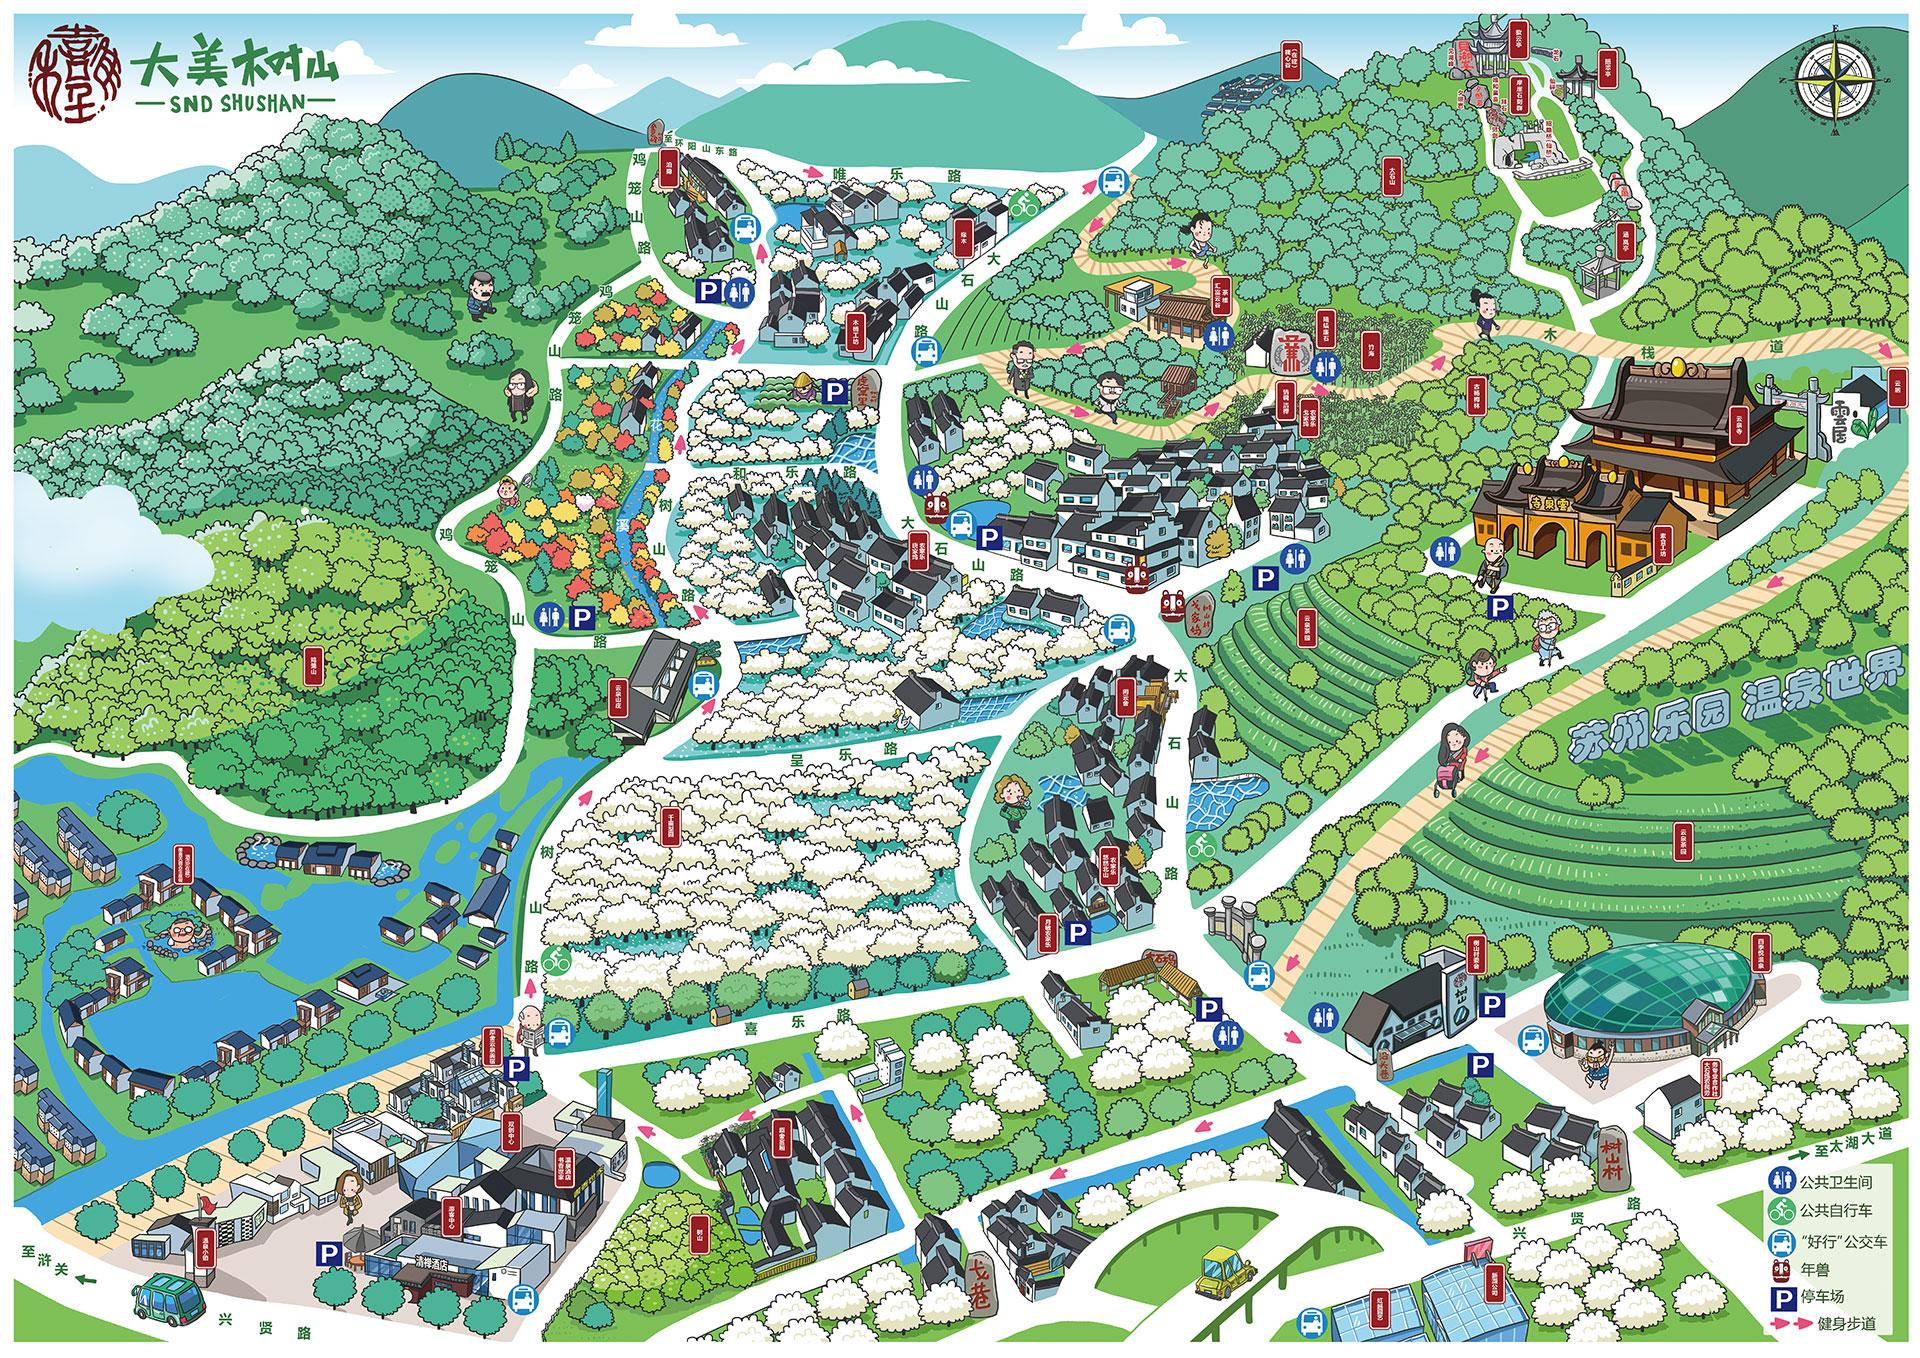 画《树山景区手绘地图》的点点滴滴